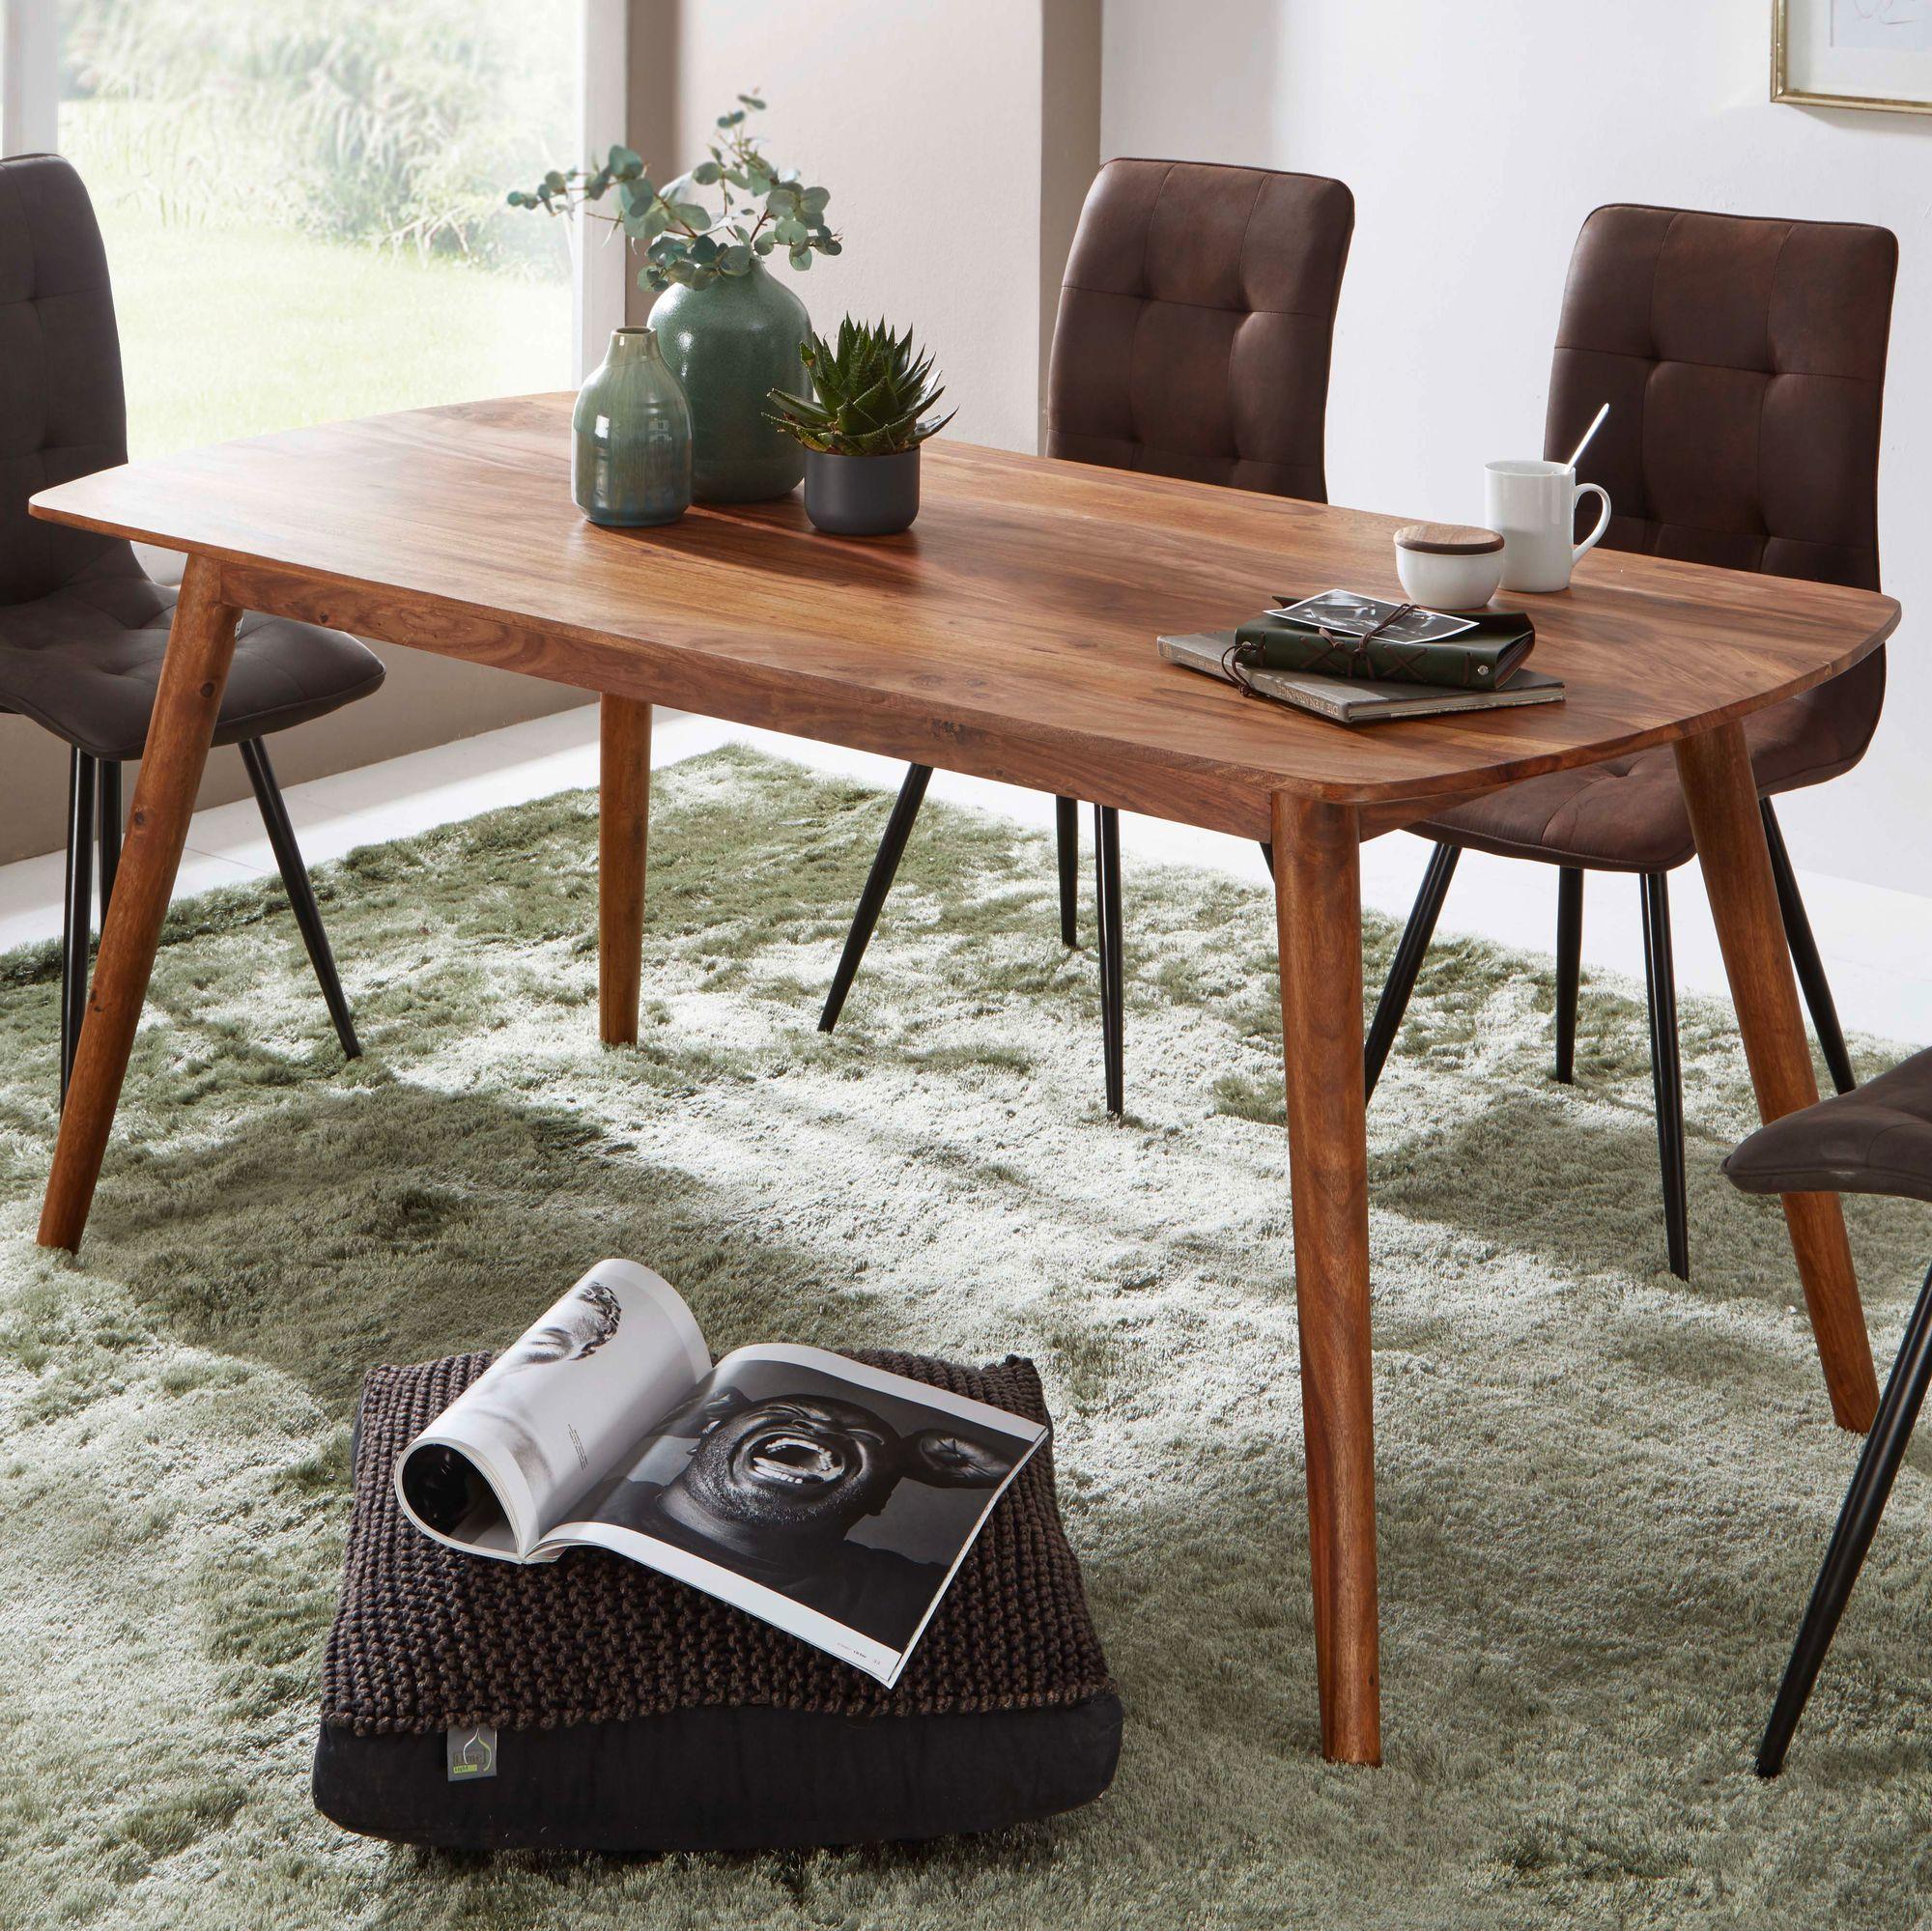 WOHNLING Esszimmertisch WL47.4472 Holz 47x47x47 cm Sheesham Massivholz Tisch   Designer Küchentisch Holz  Massiver Holztisch Rustikal  Speisetisch